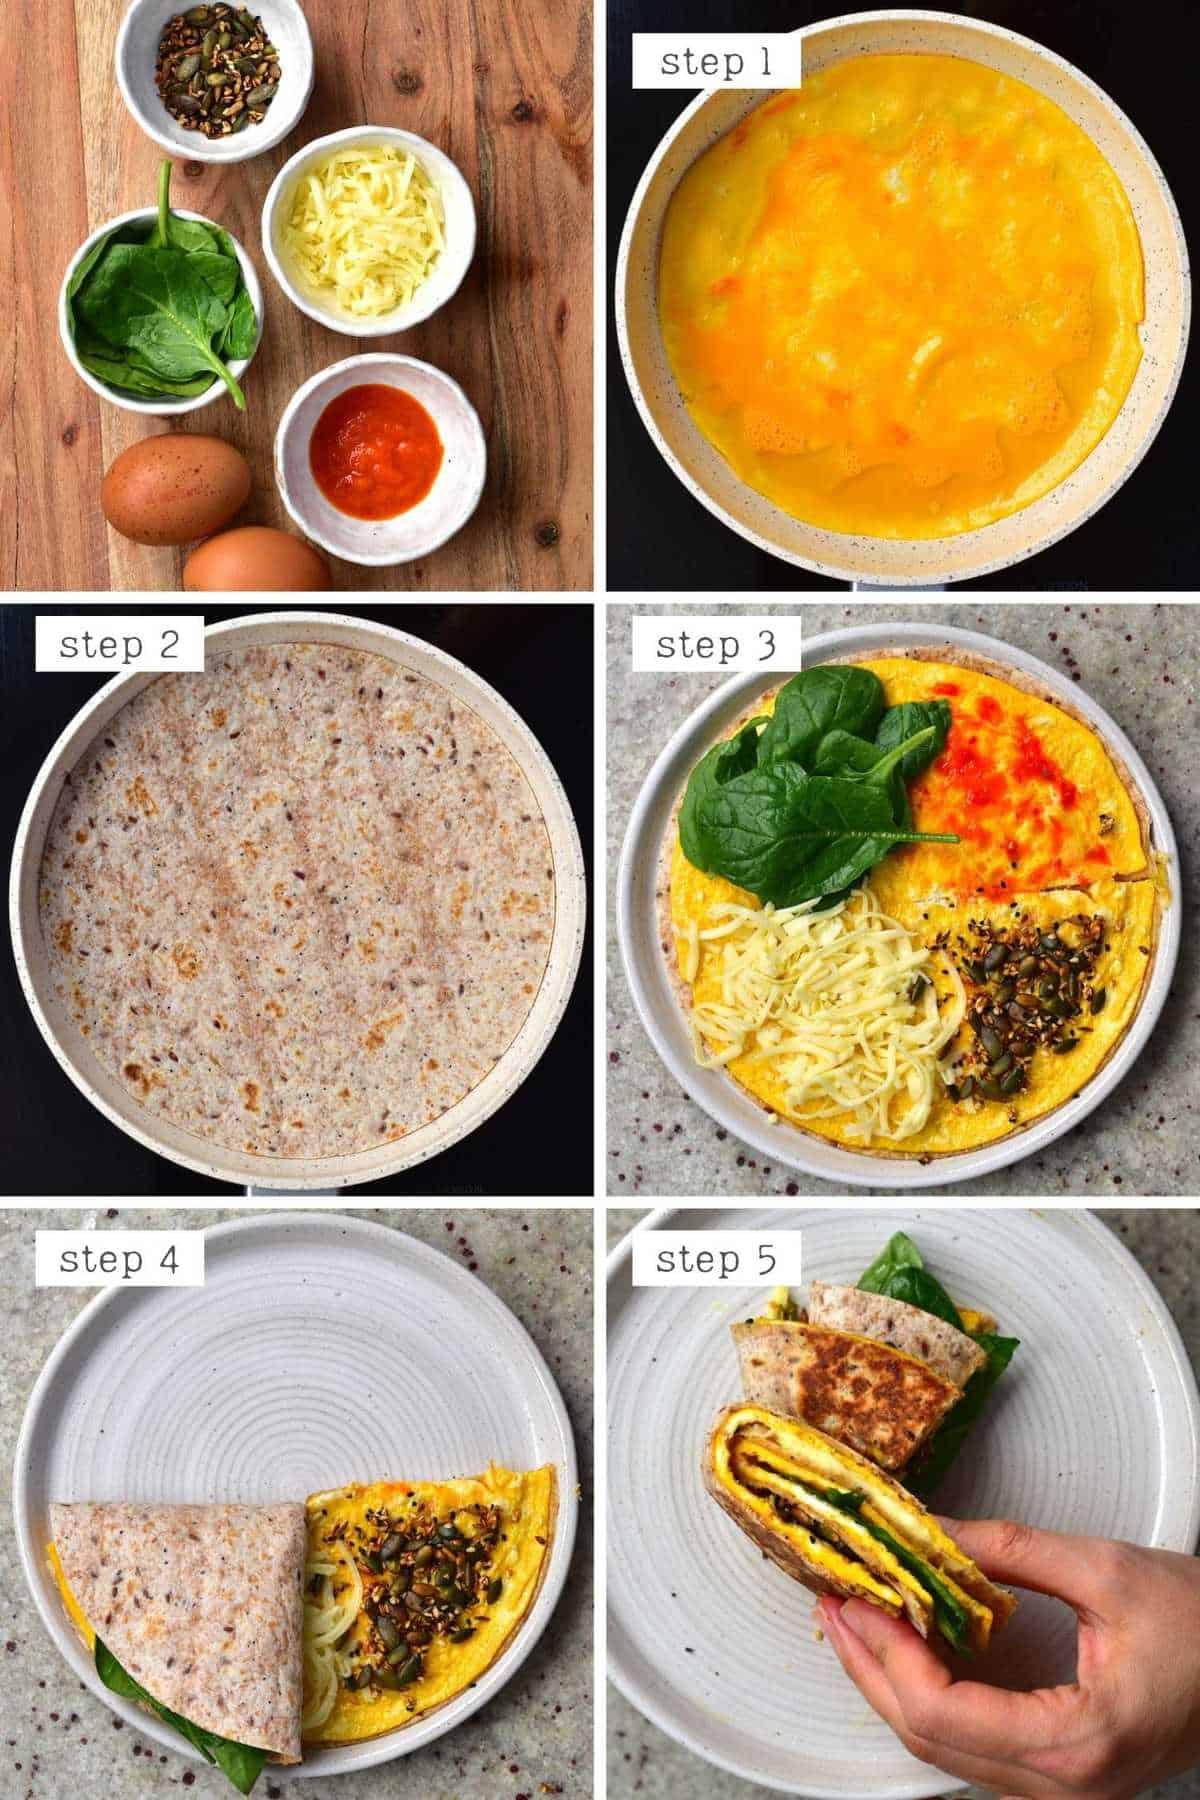 Steps for making omelette breakfast quesadilla